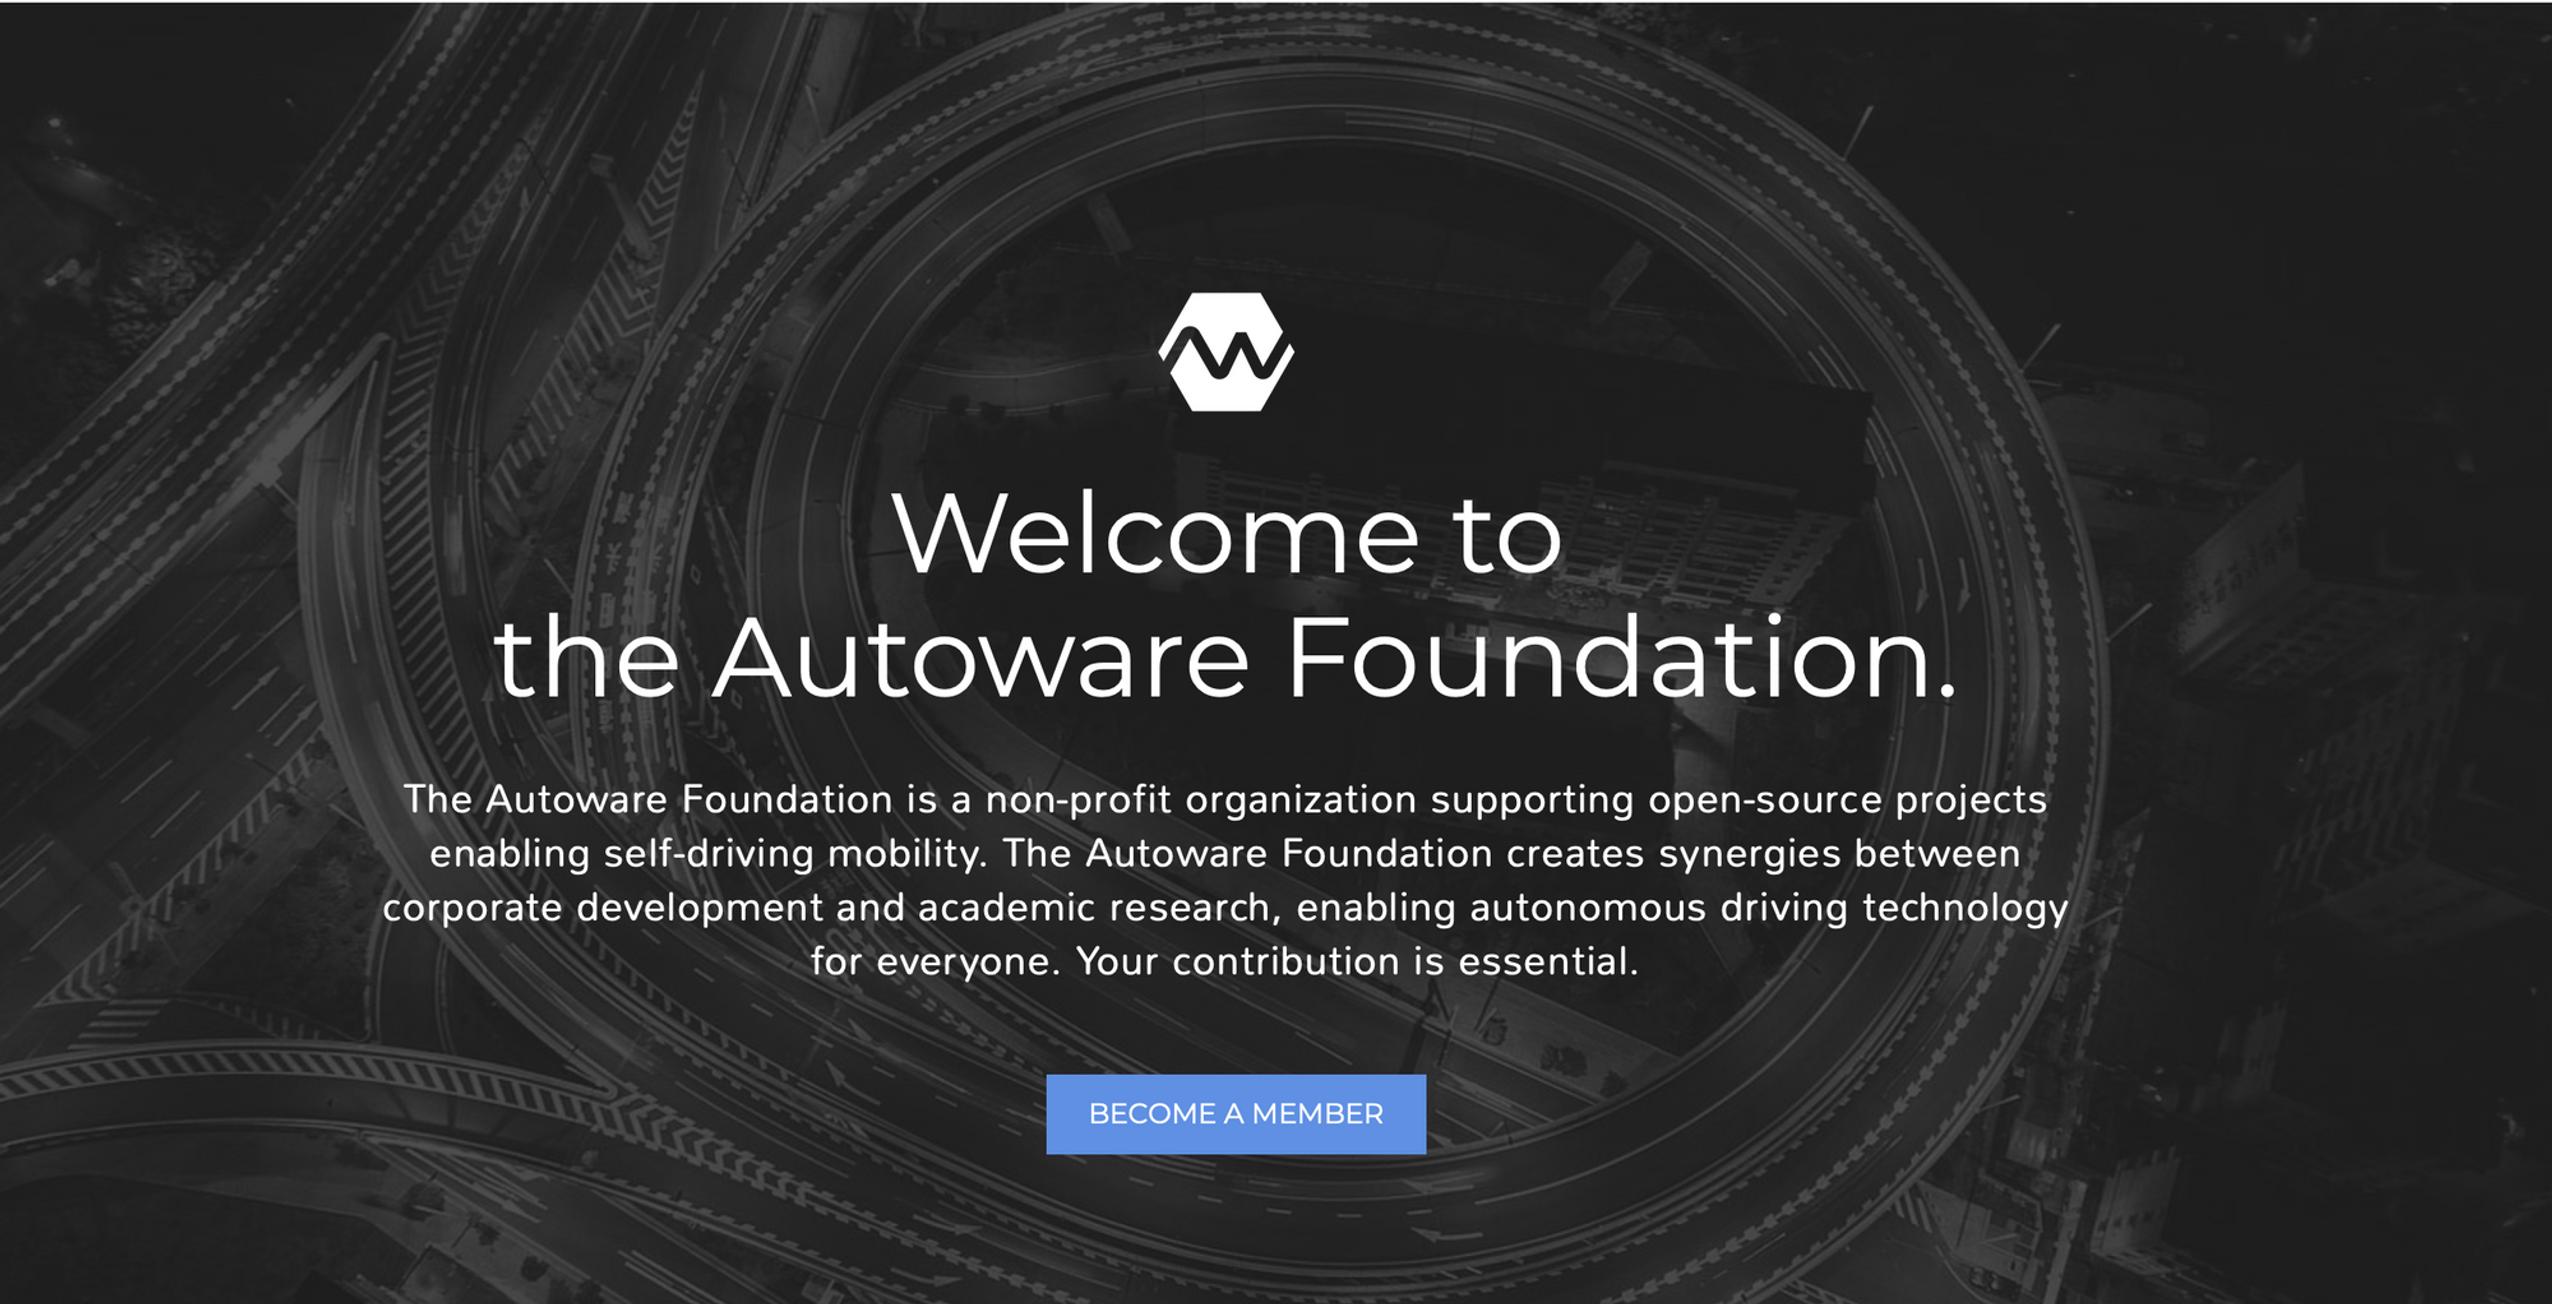 The Autoware Foundation - Open Source for Autonomous Driving